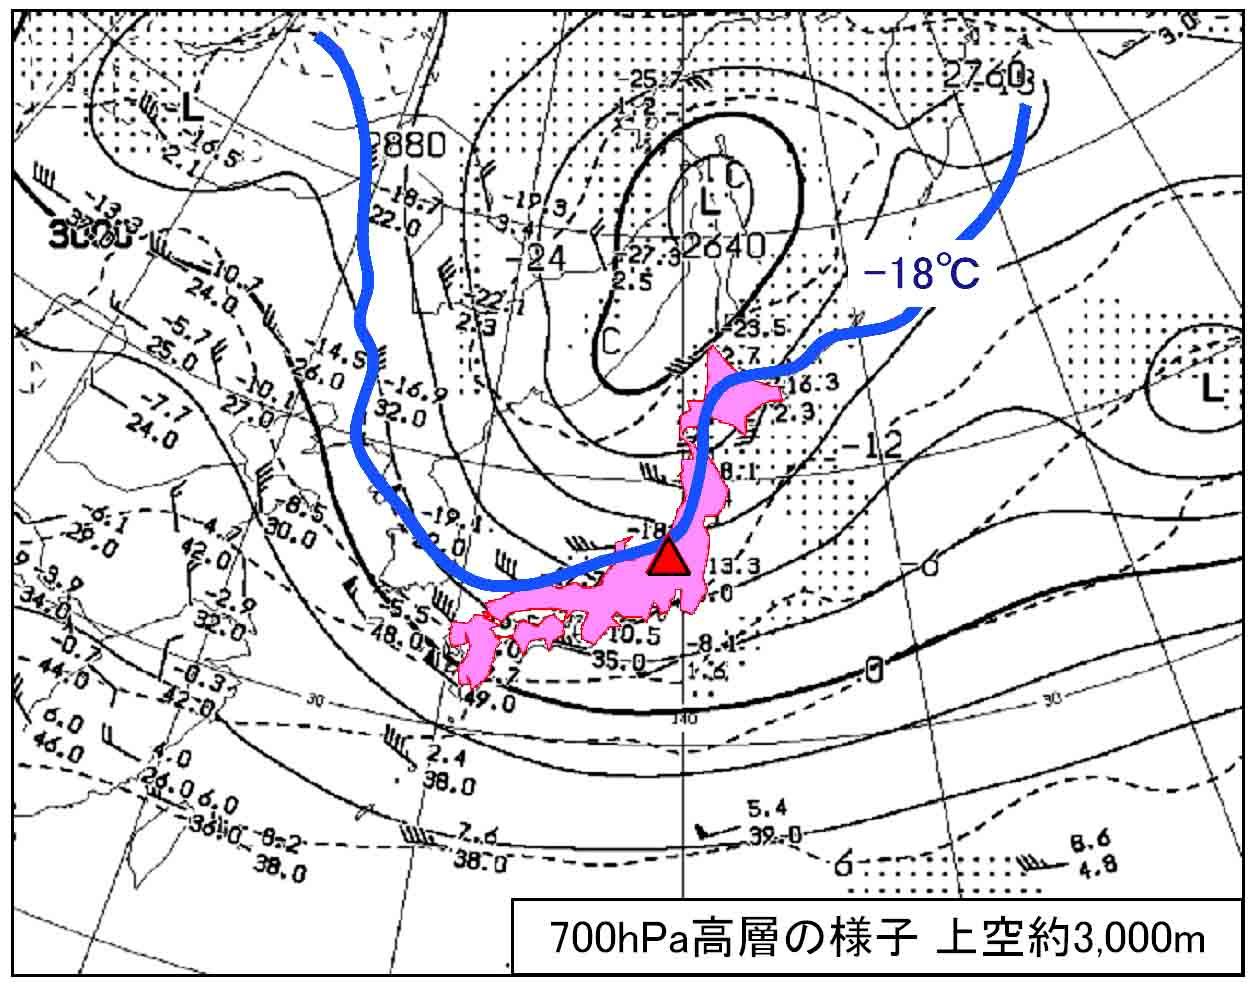 17日午前9時の700hPa天気図